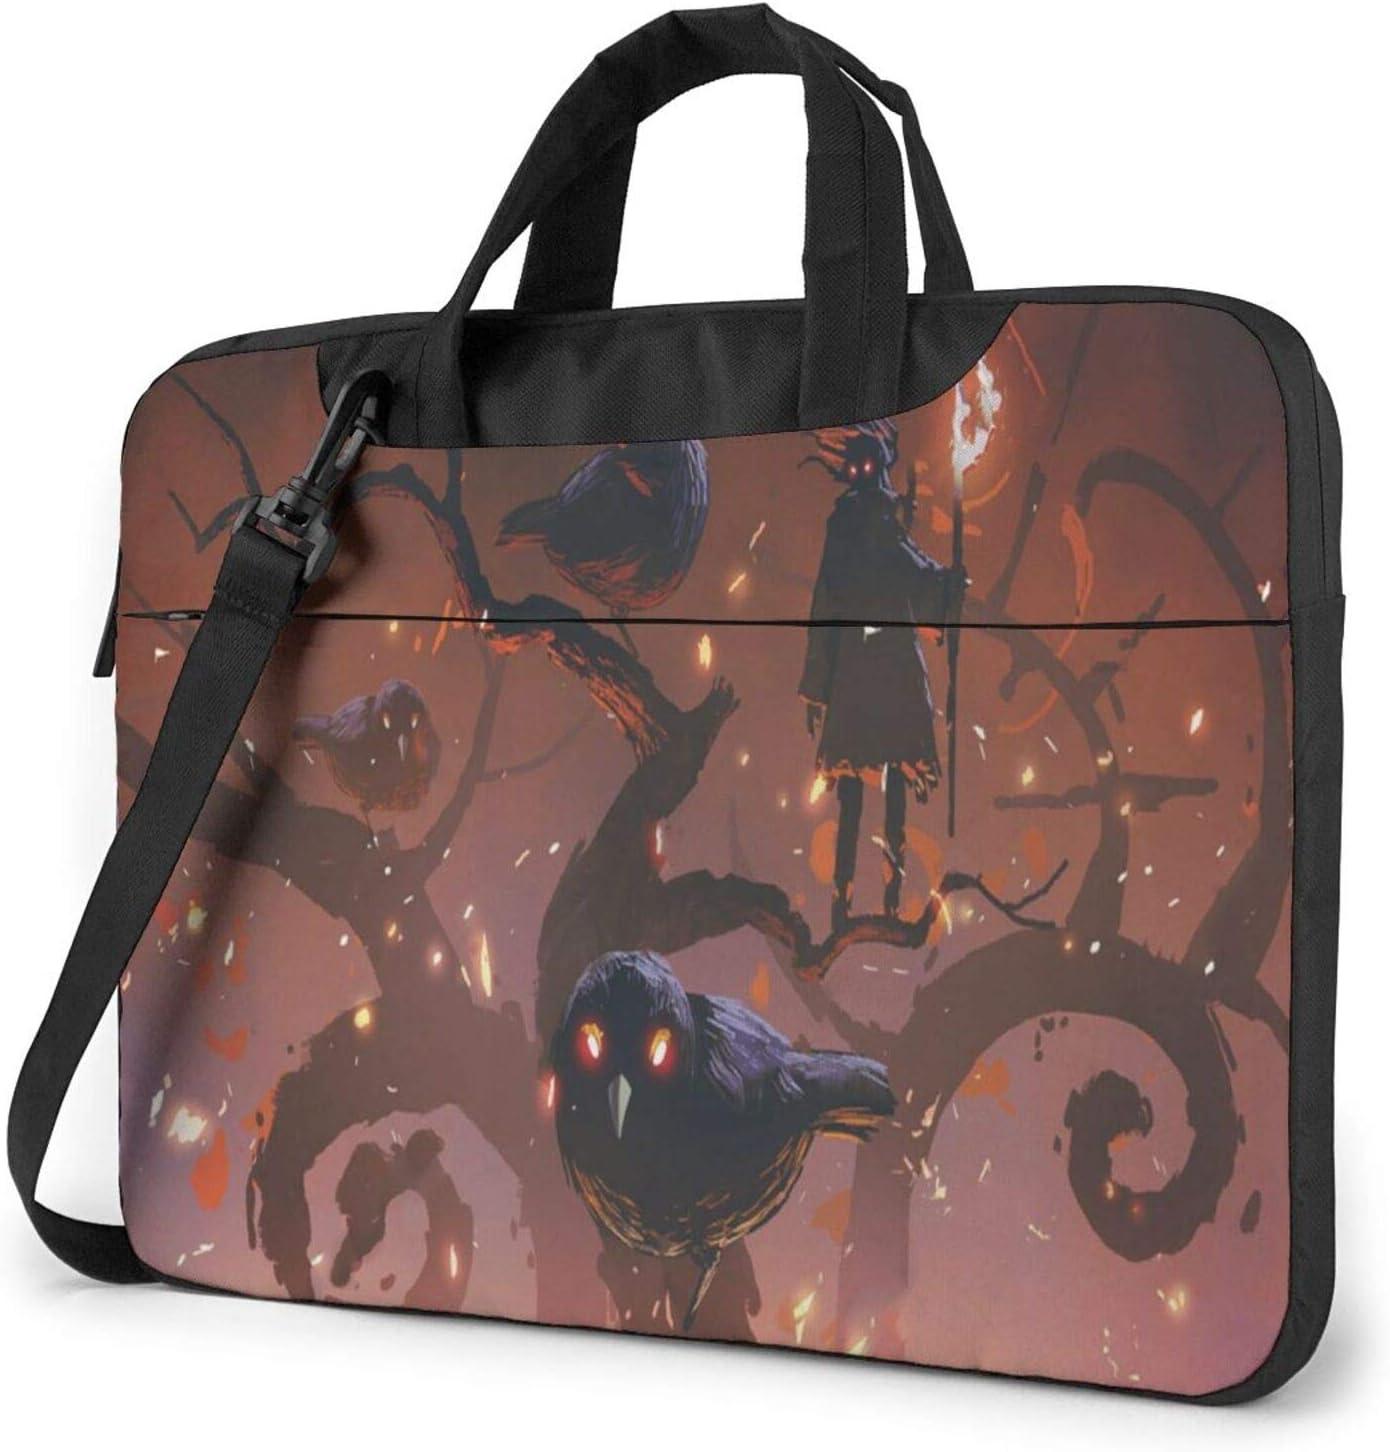 Black Crows Laptop Shoulder Messenger Bag,Laptop Shoulder Bag Carrying Case with Handle Laptop Case Laptop Briefcase 15.6 Inch Fits 14 15 15.6 inch Netbook/Laptop